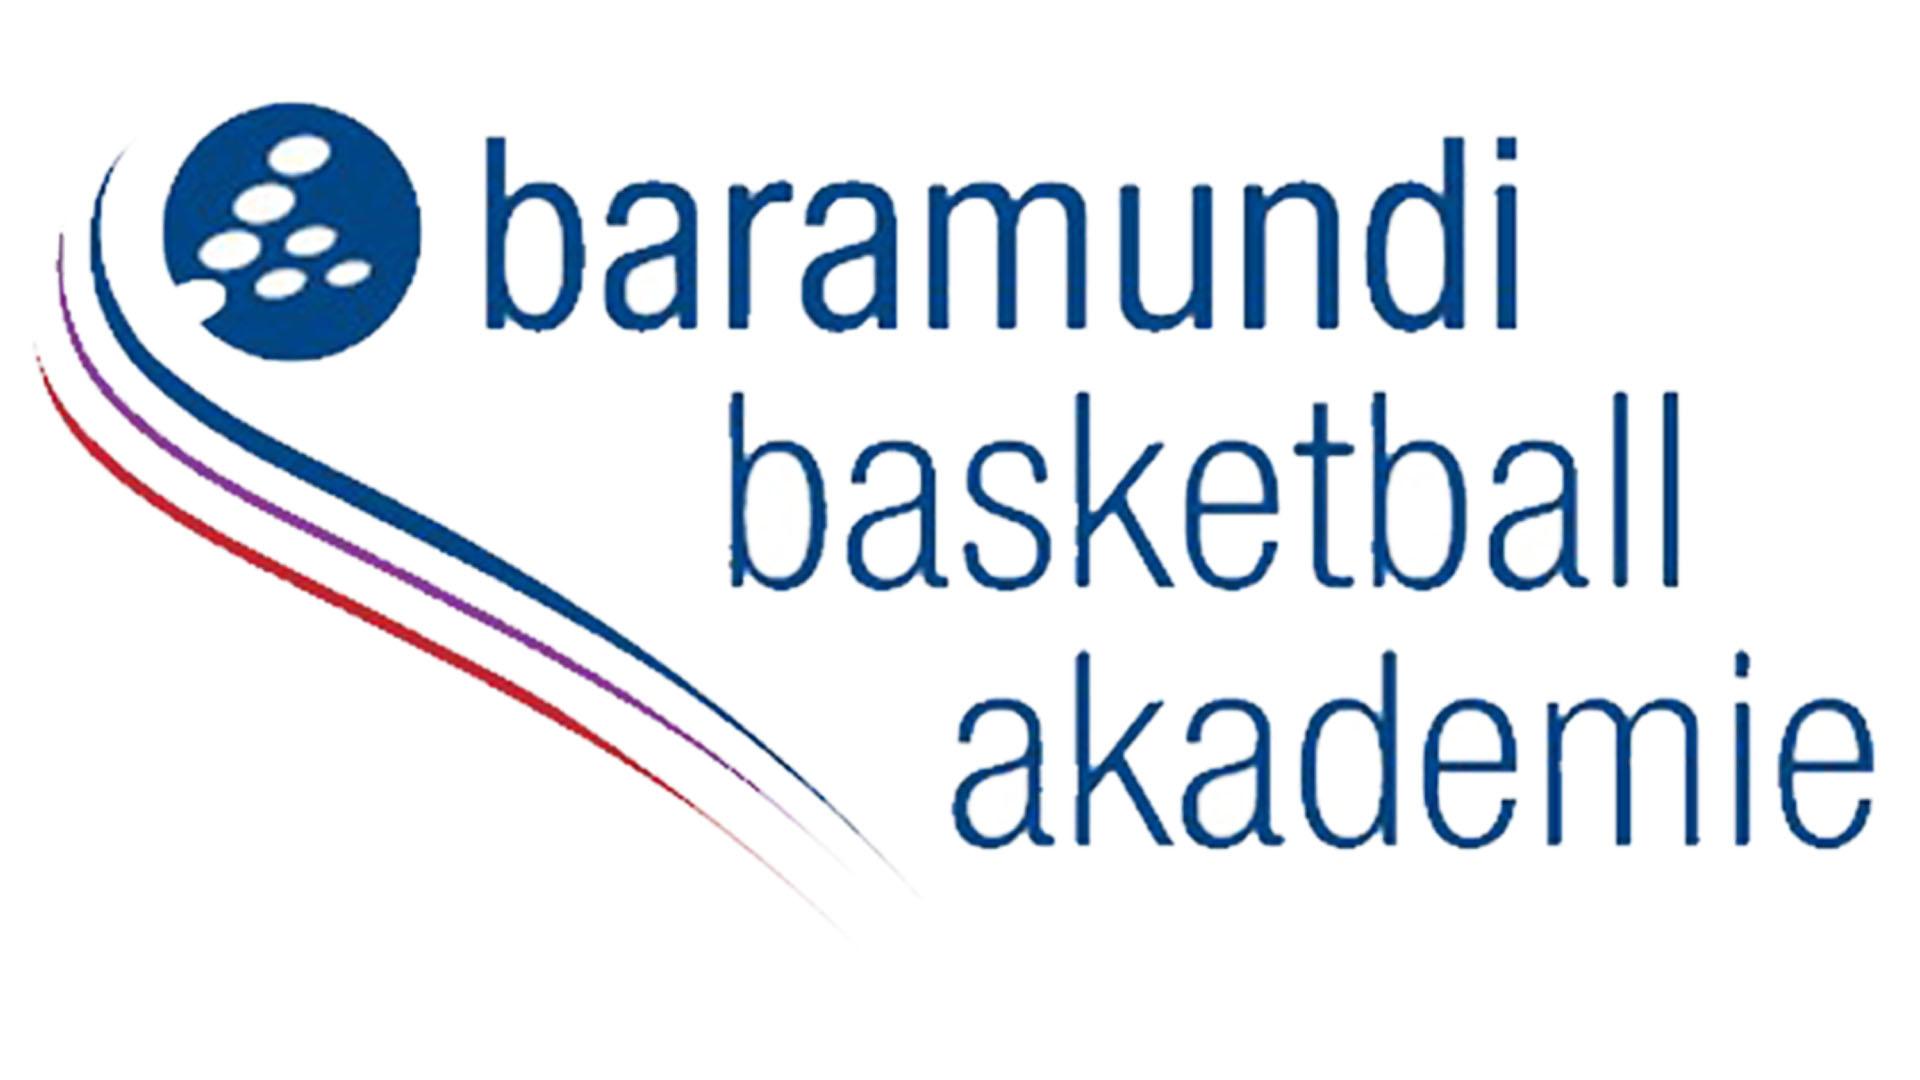 baramundi-basketball-akademie-Augsburg